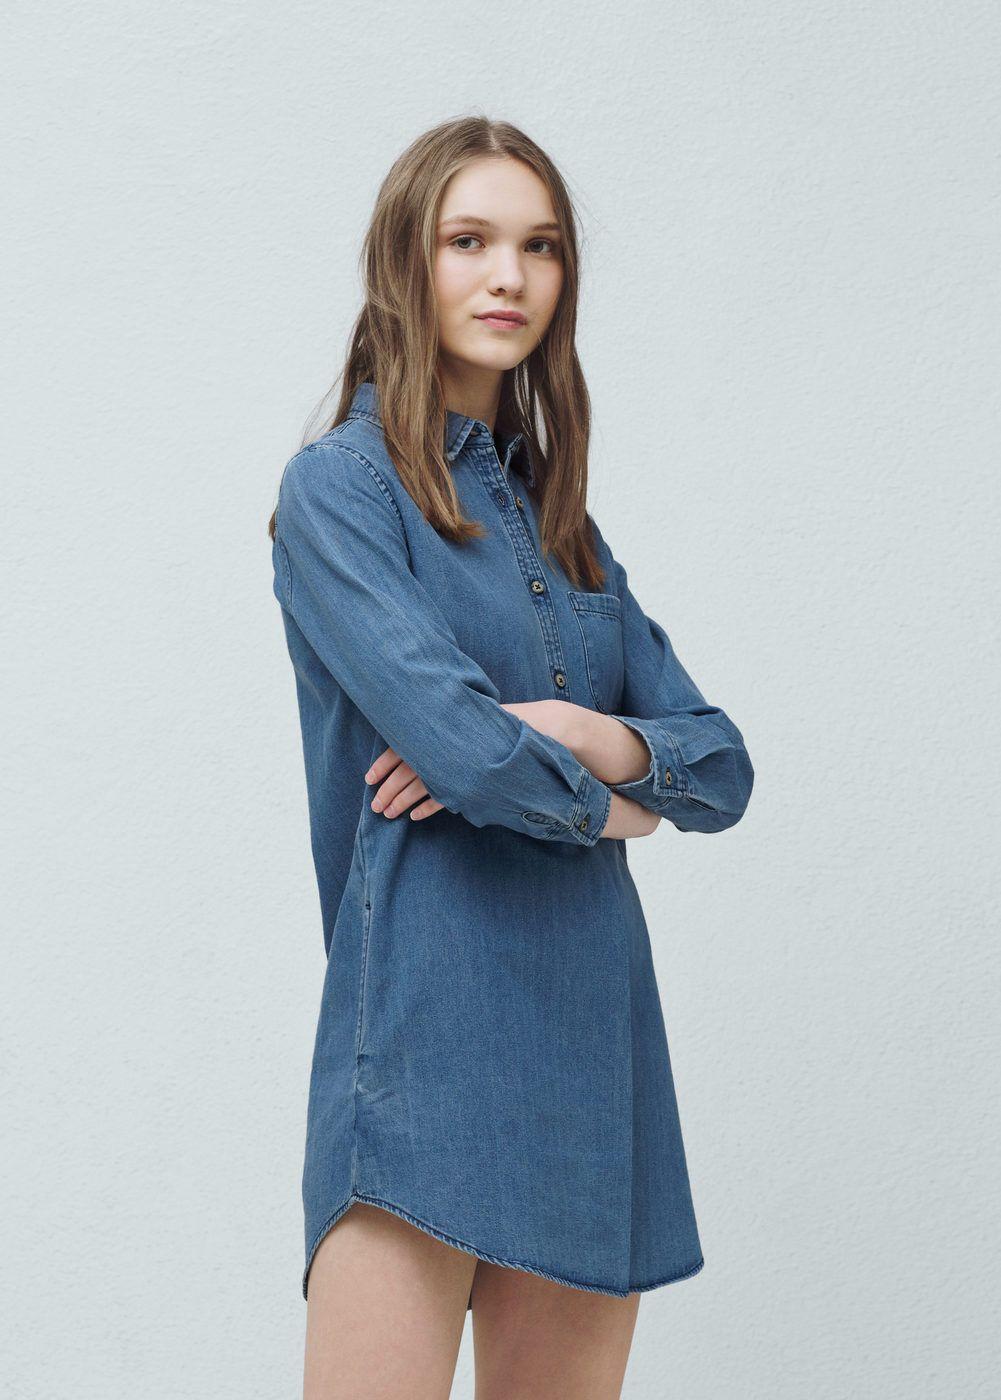 Robe denim moyen - Femme   À acheter   To buy   Pinterest   Denim ... 294170560902